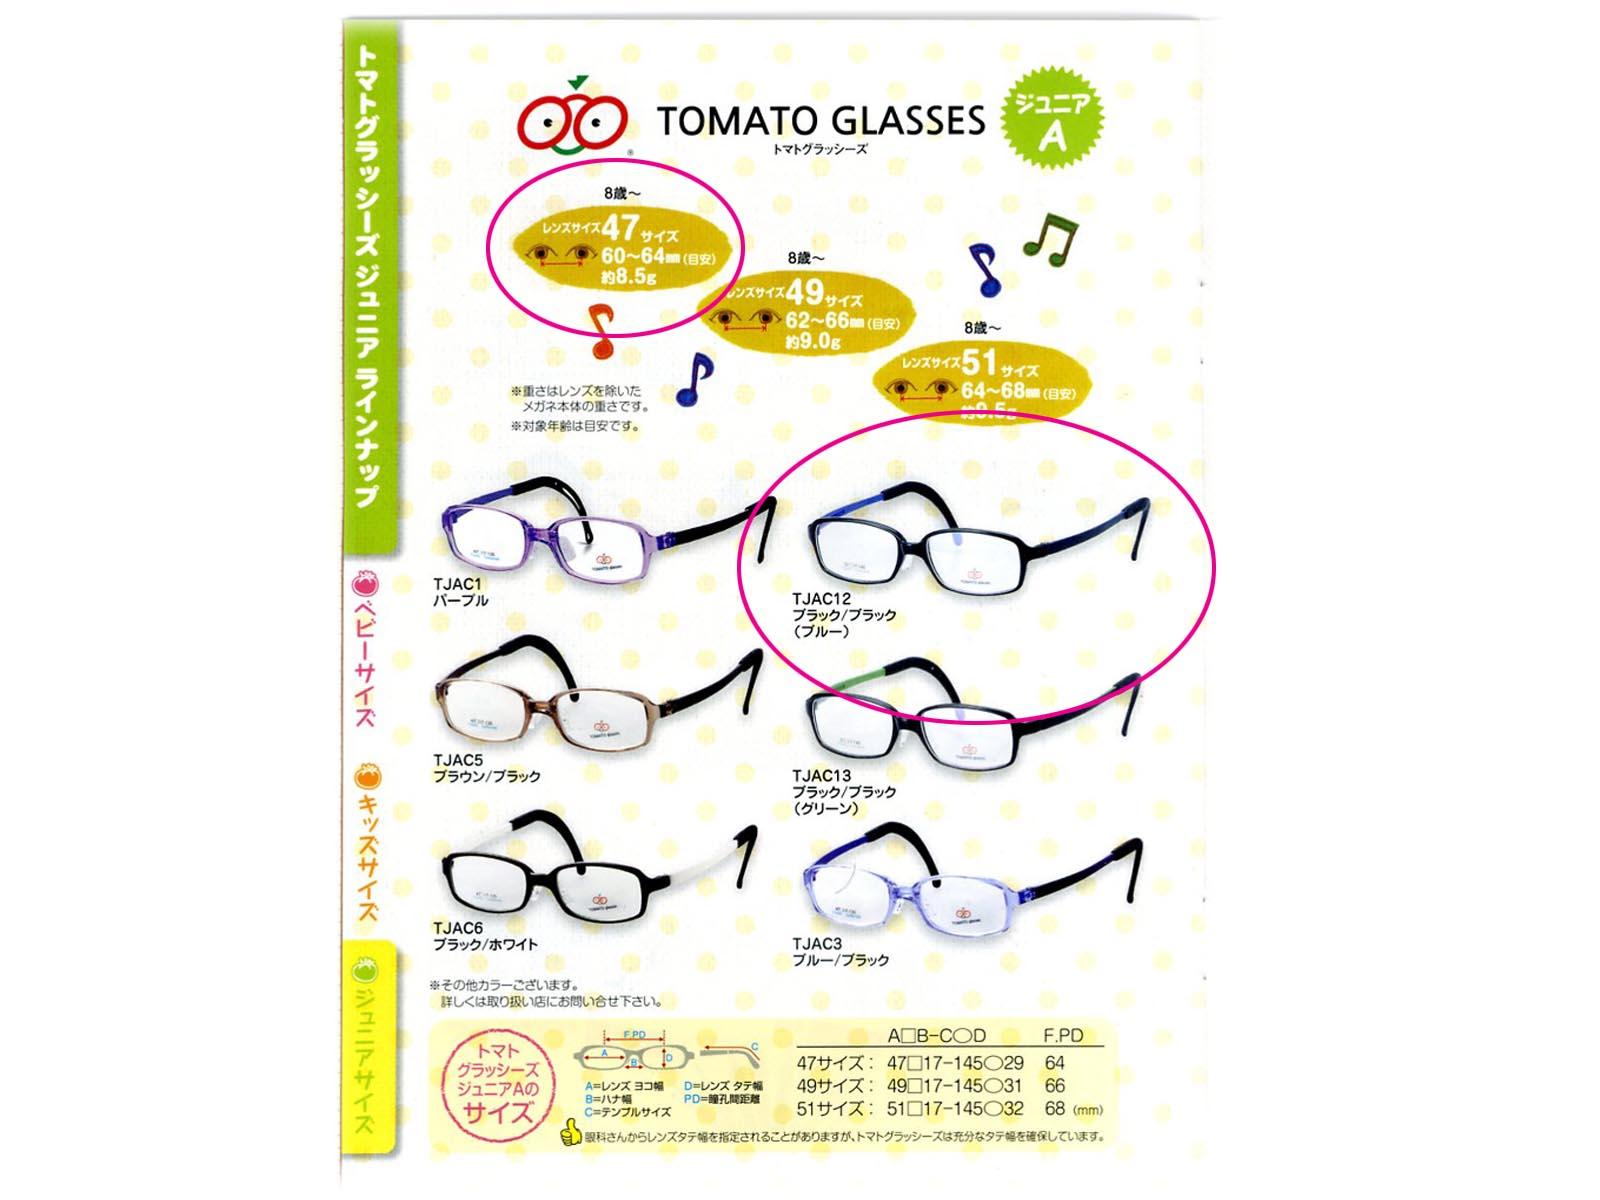 ☆TOMATO GLASSES(とまとぐらっしーず)☆TJAC1247□瞳孔距離58~64mm(目安)